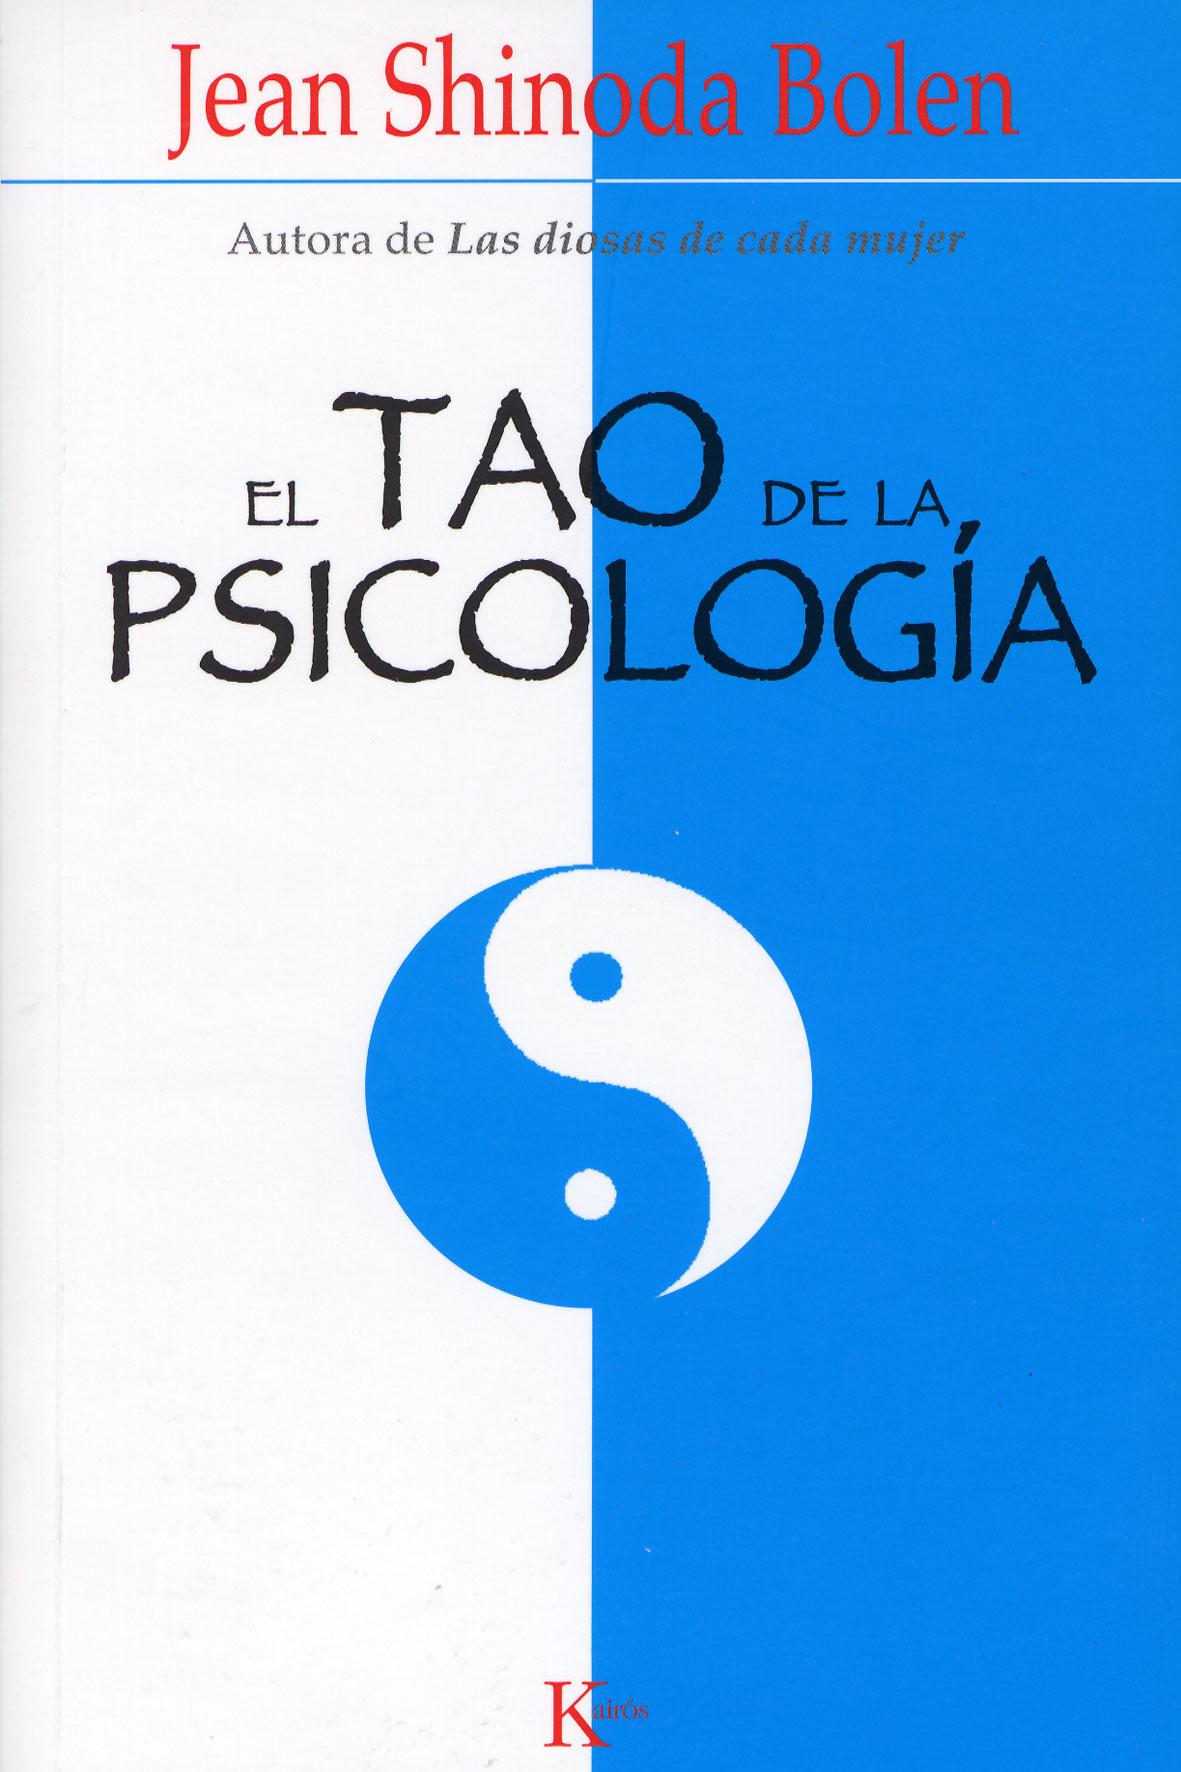 Tao de la Psicología